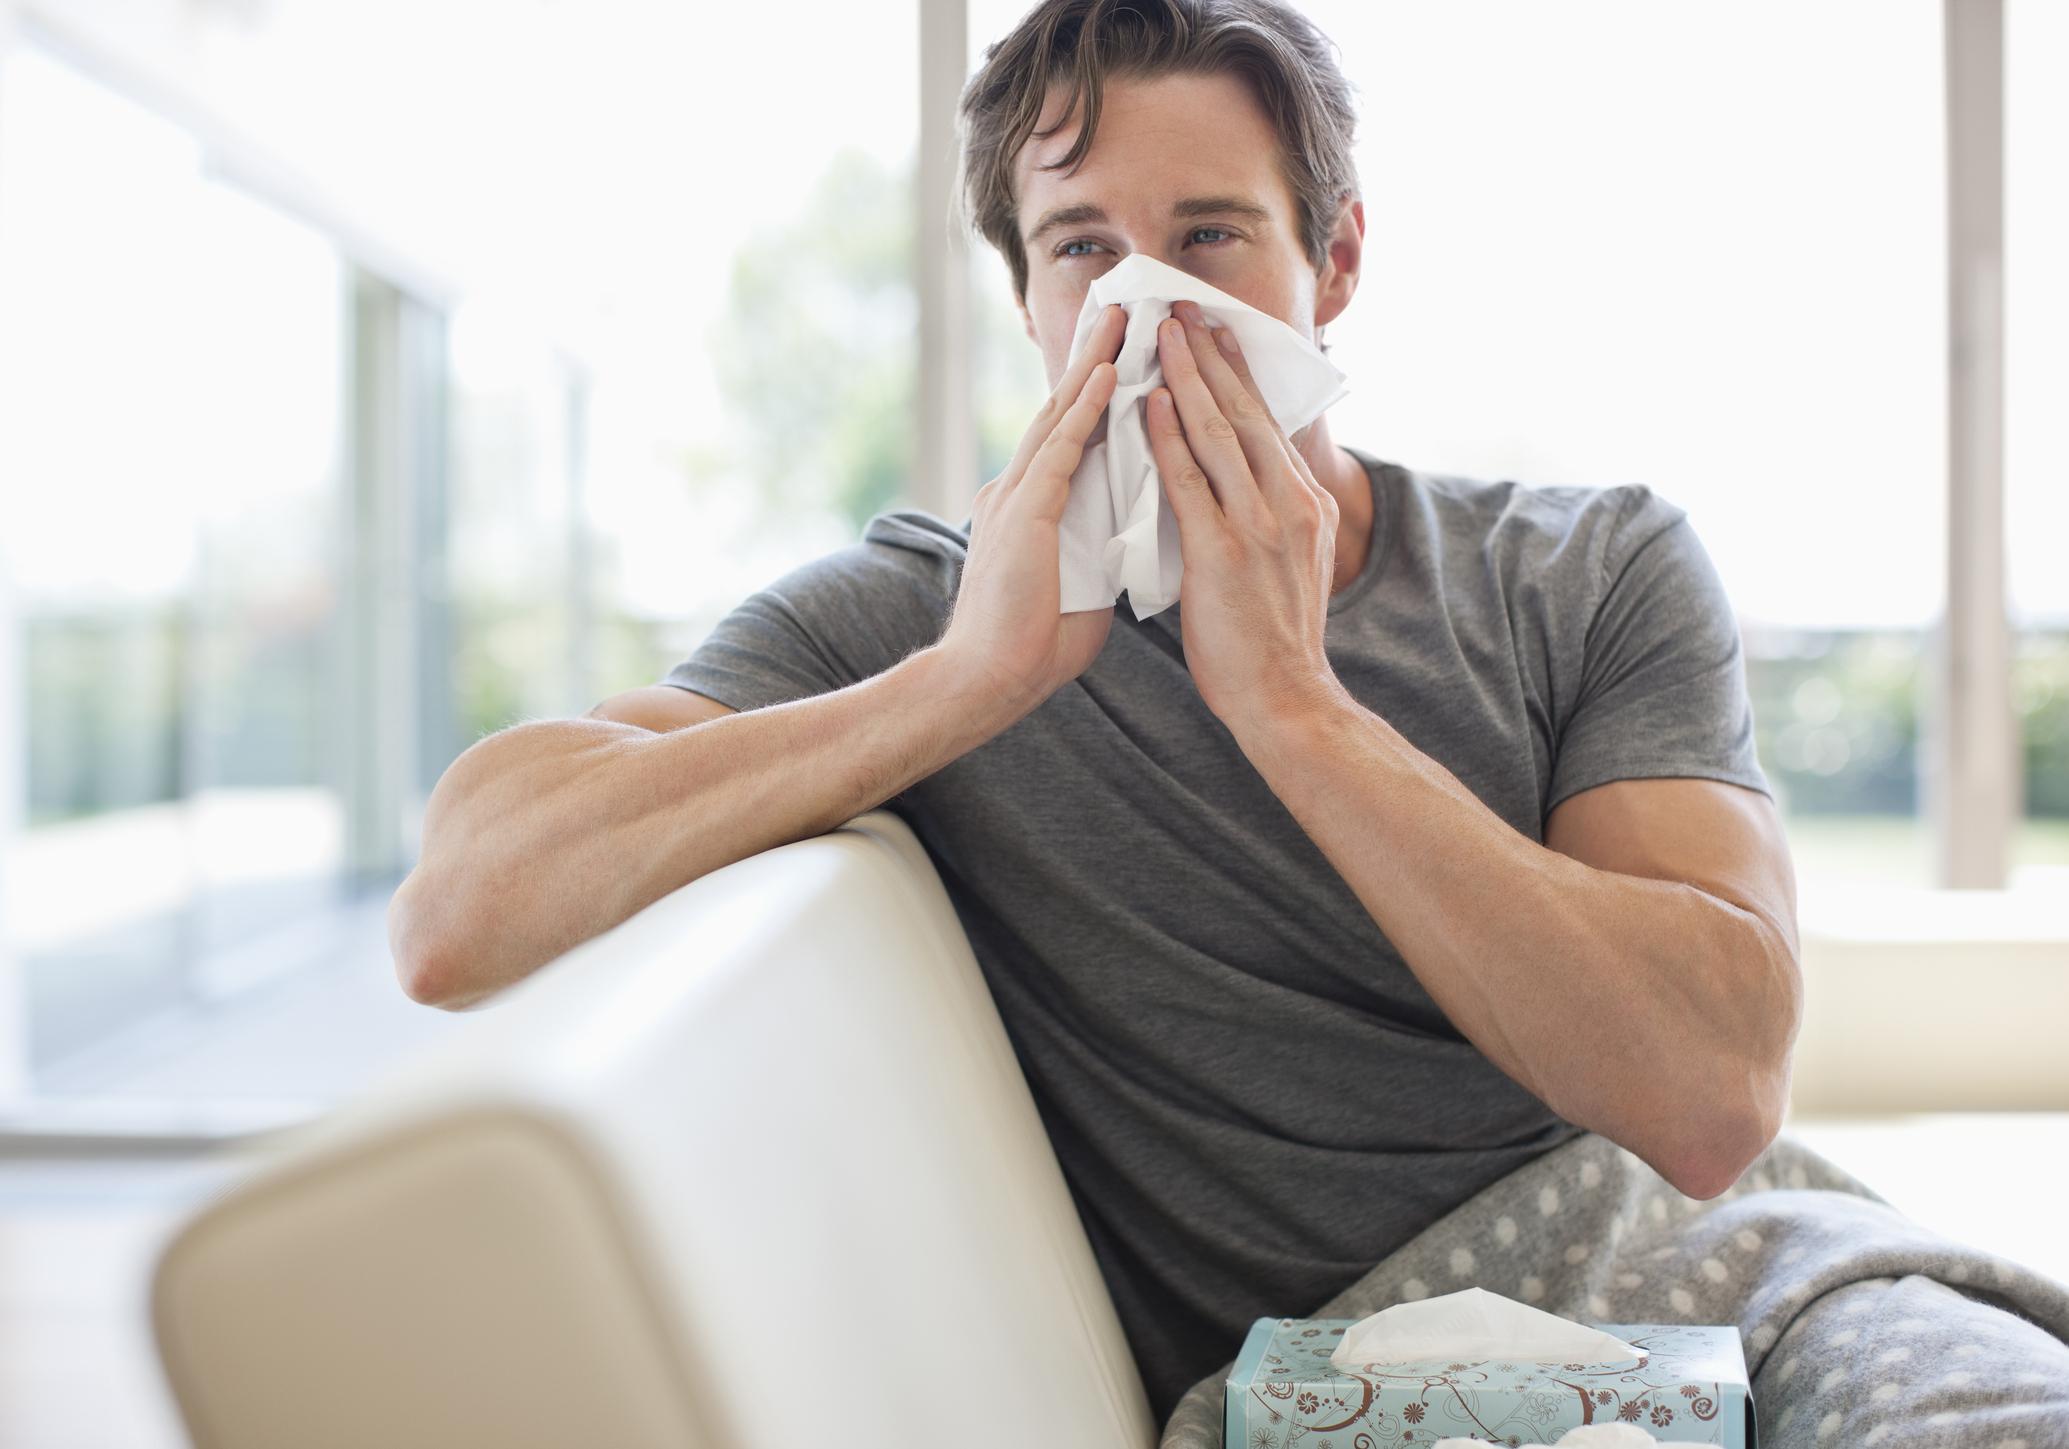 Man in pajamas blowing his nose